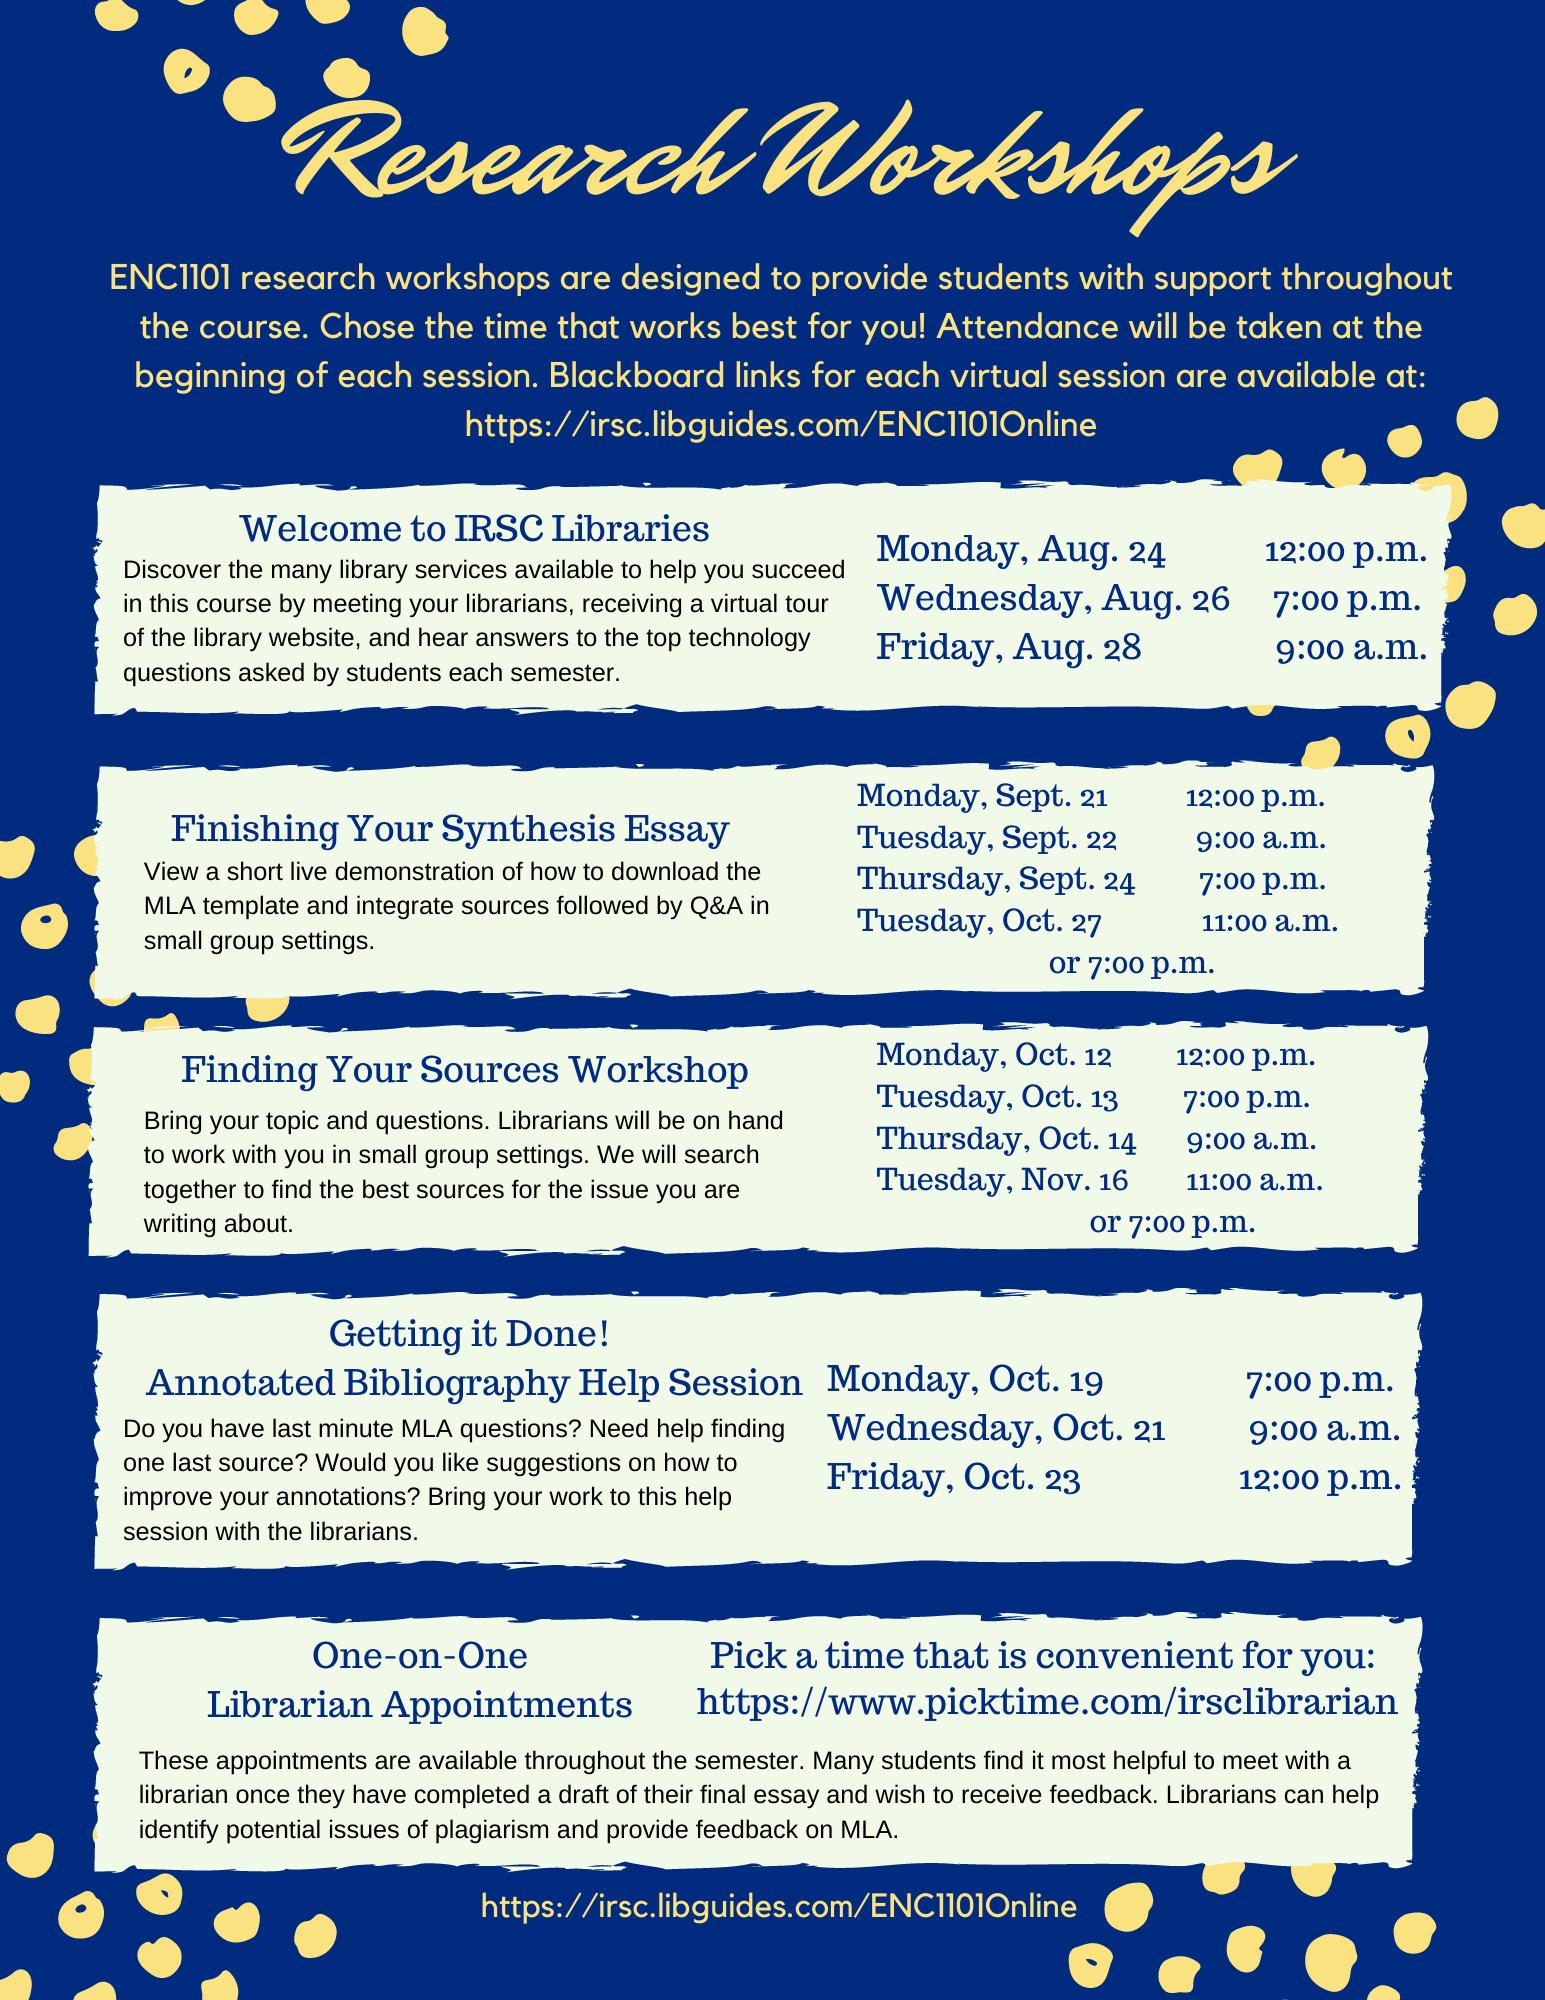 ENC1101 Online Fall 2020 Workshops